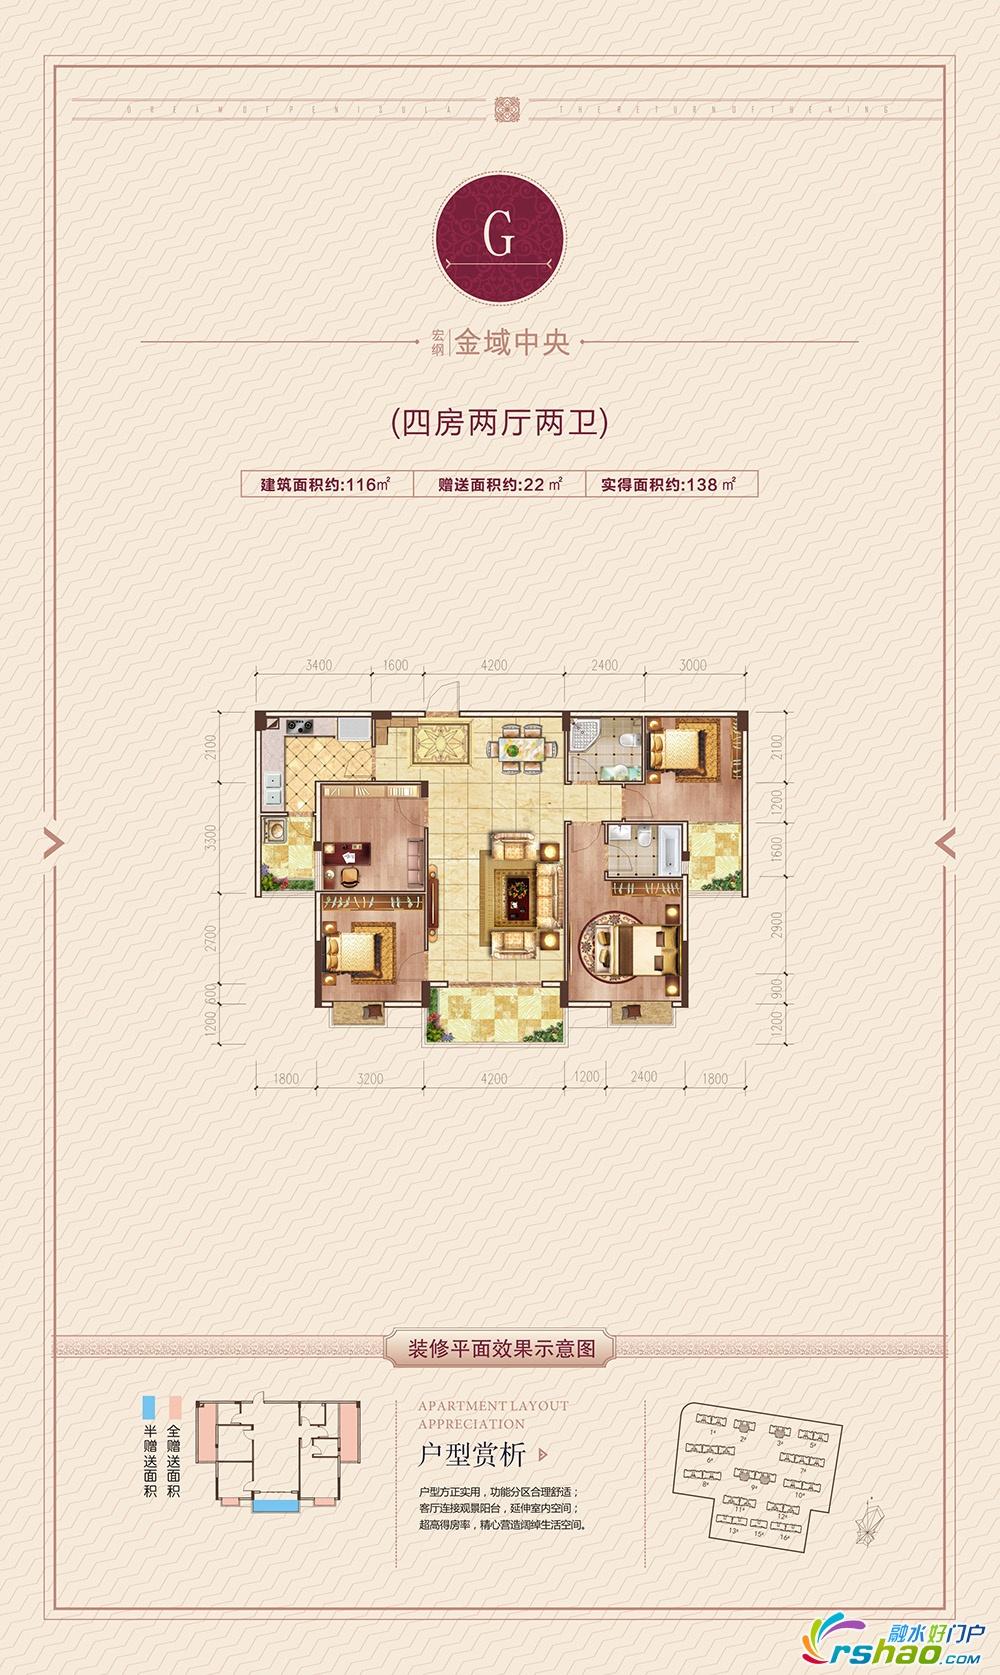 金域中央-BG户型折页2.jpg